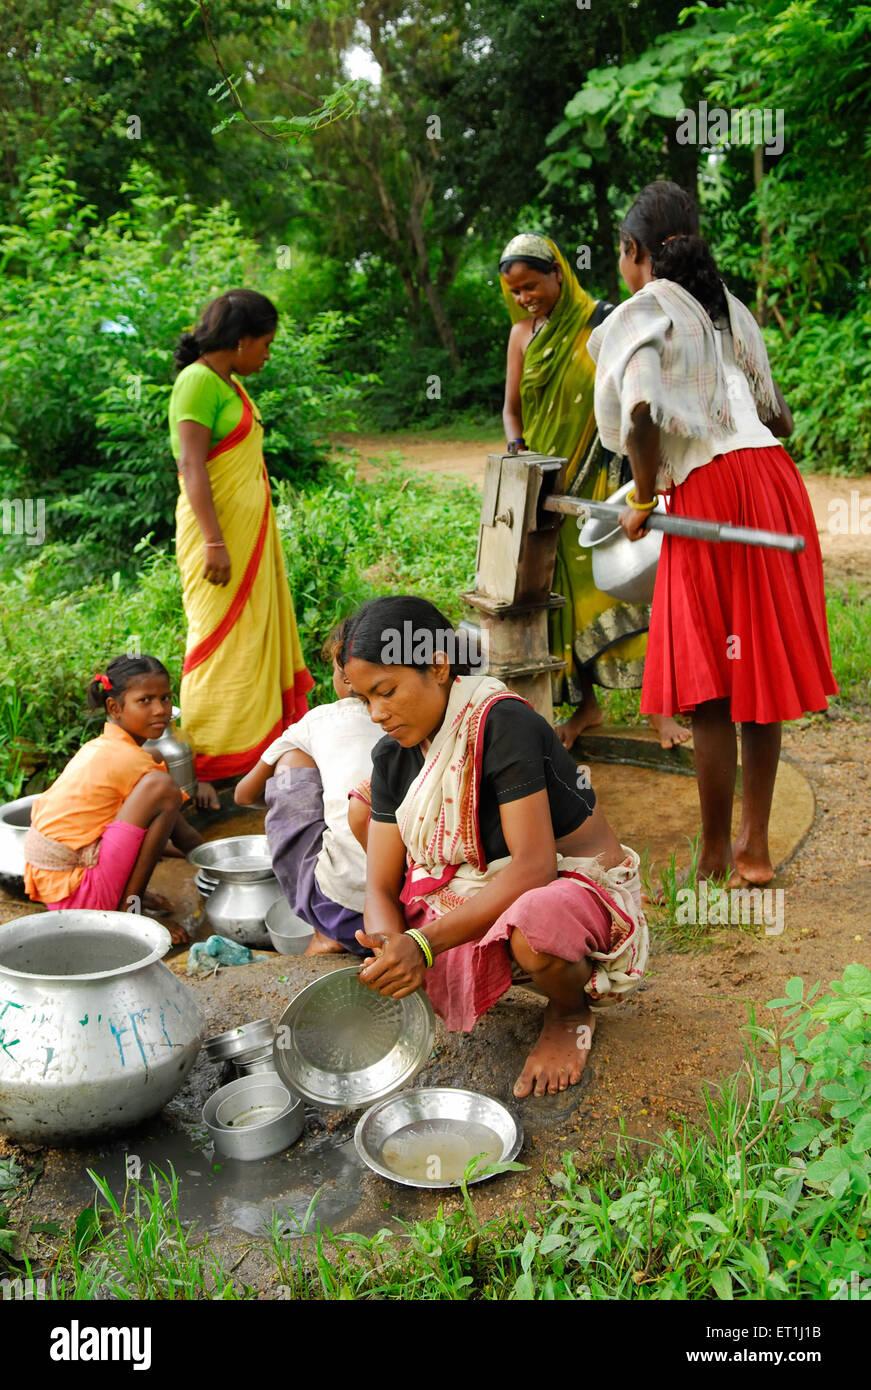 Ho tribes women washing utensils around ; Chakradharpur ; Jharkhand ; India NO MR - Stock Image